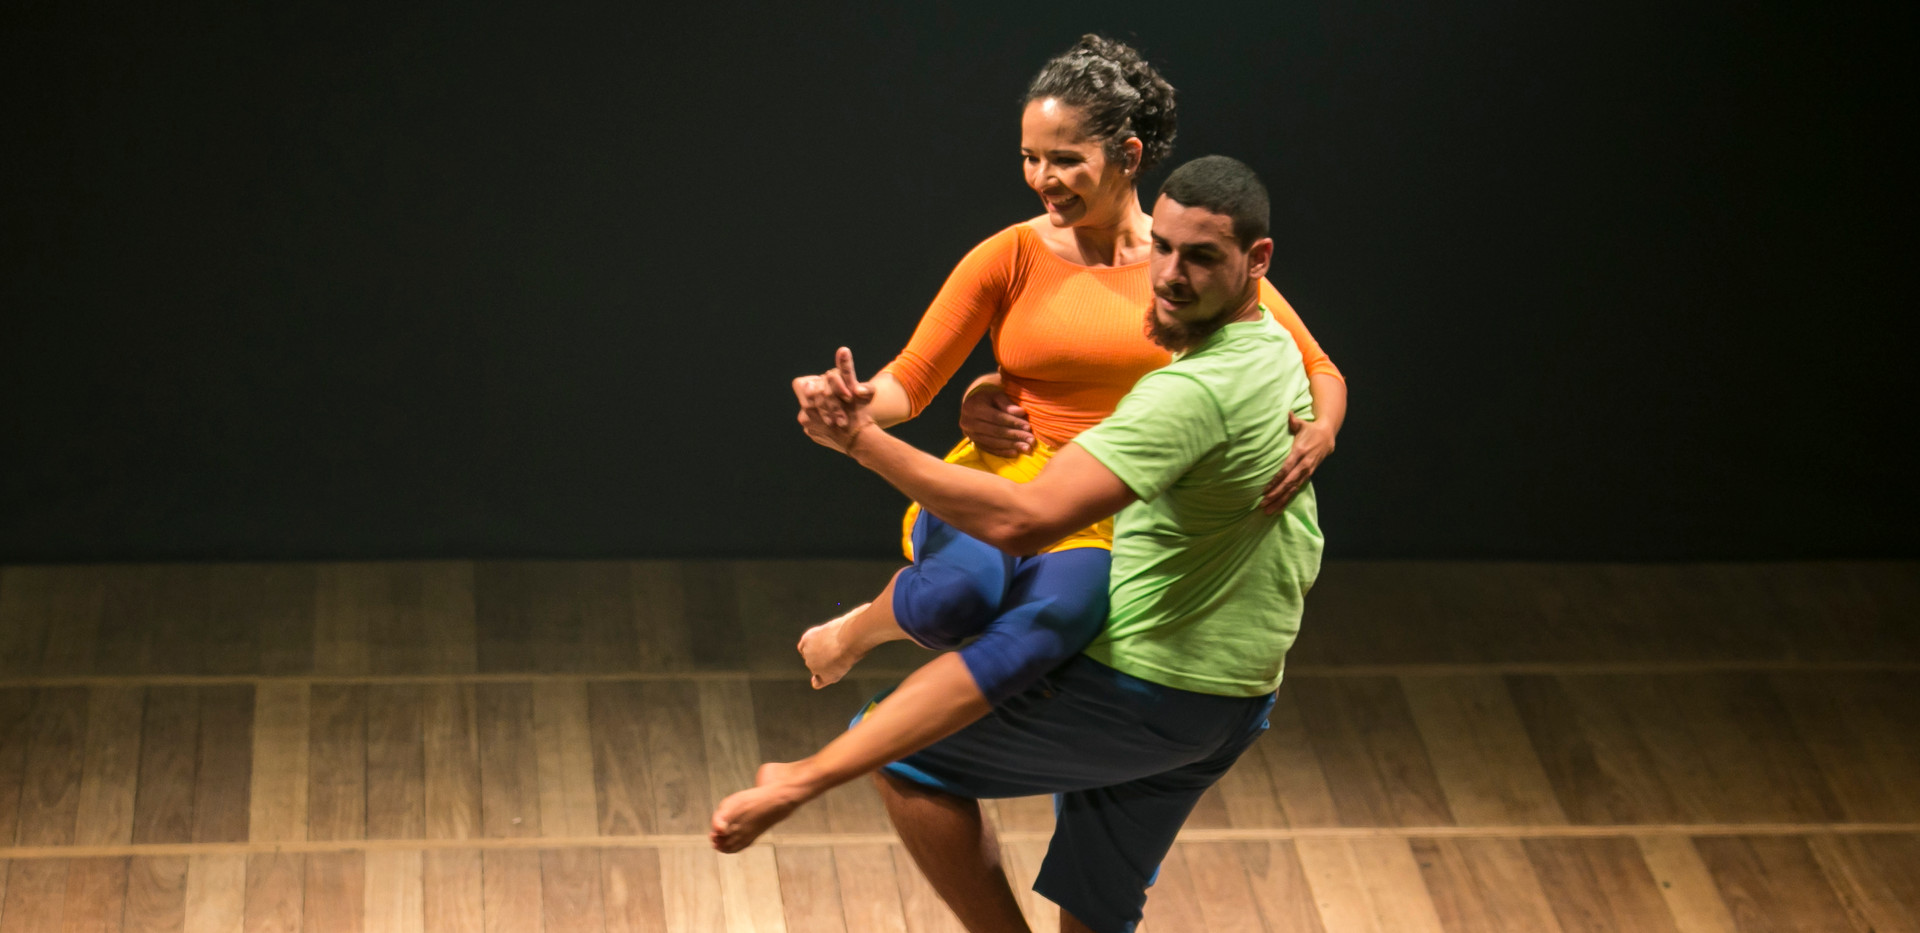 Viviane Soares e Jefferson Moreno